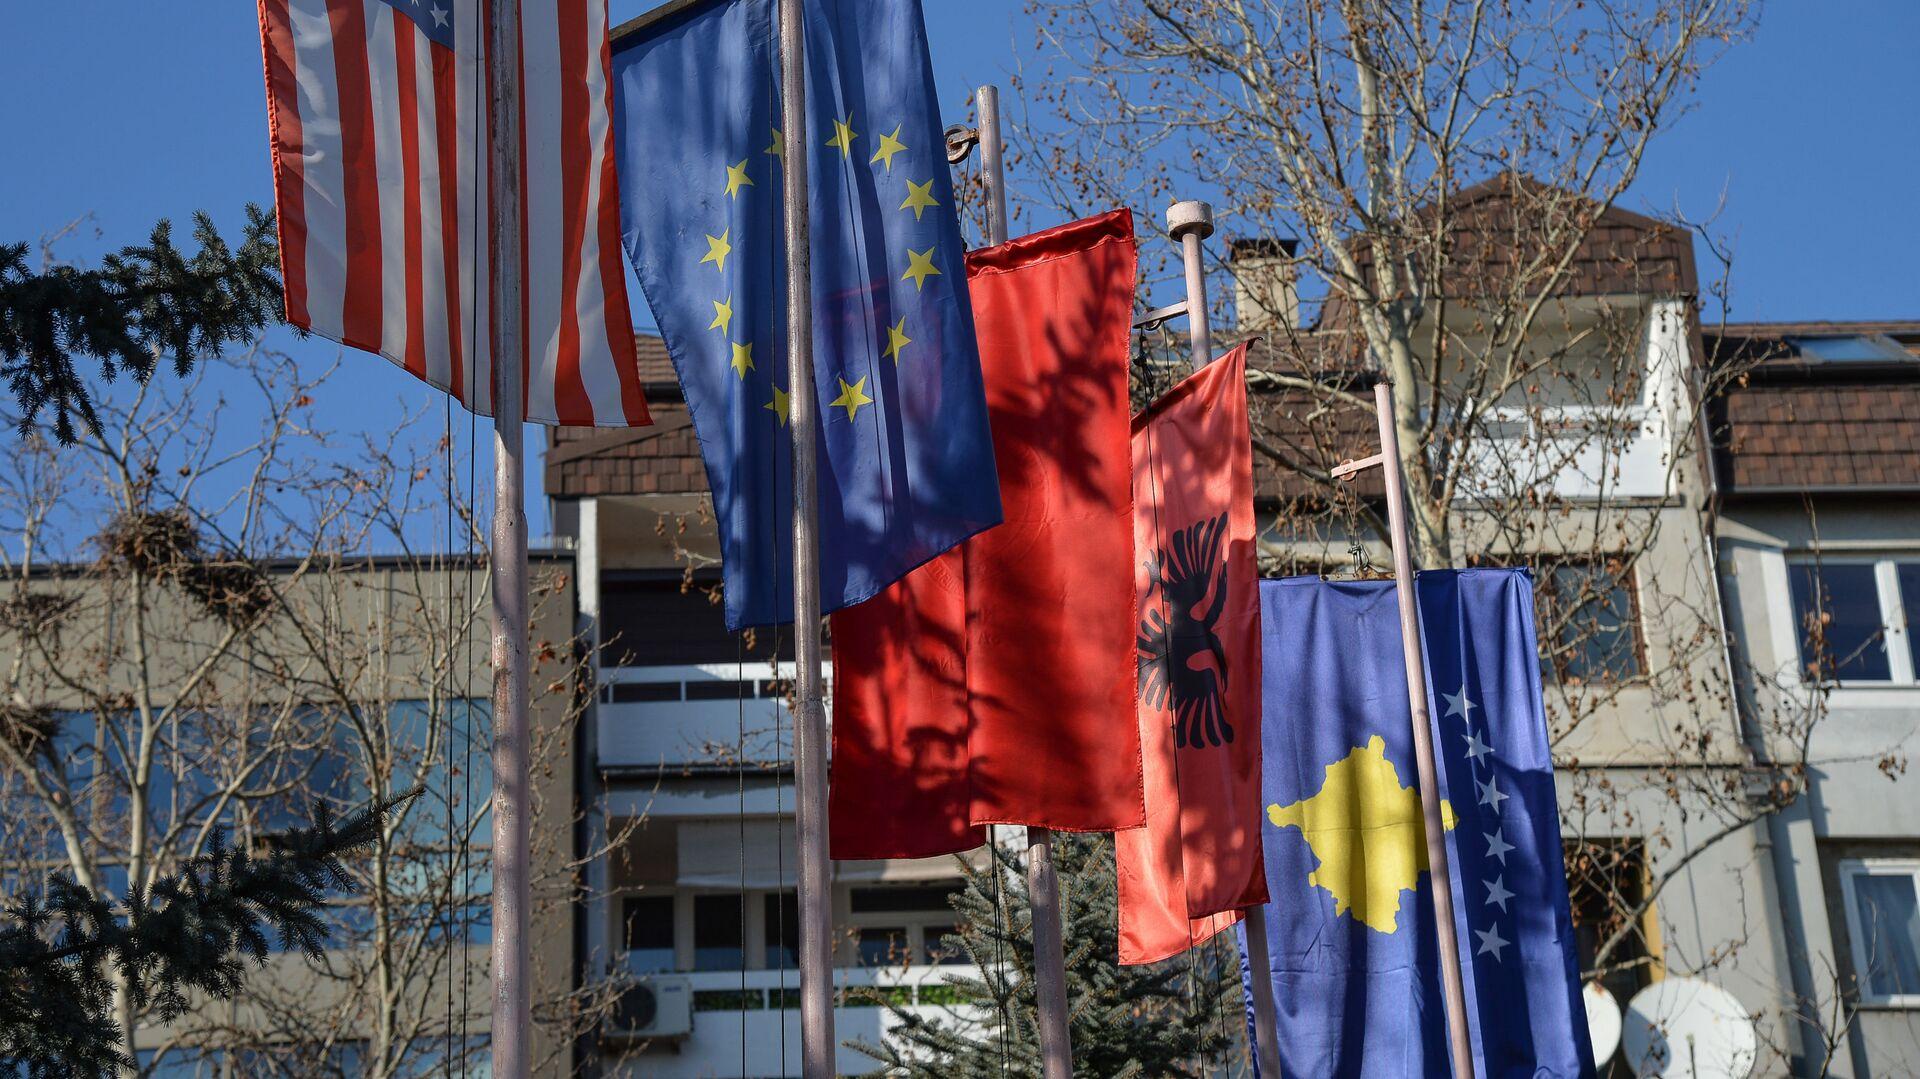 Kakvu reformu američka agencija planira za visoko školstvo na Kosovu? - Sputnik Srbija, 1920, 16.07.2021